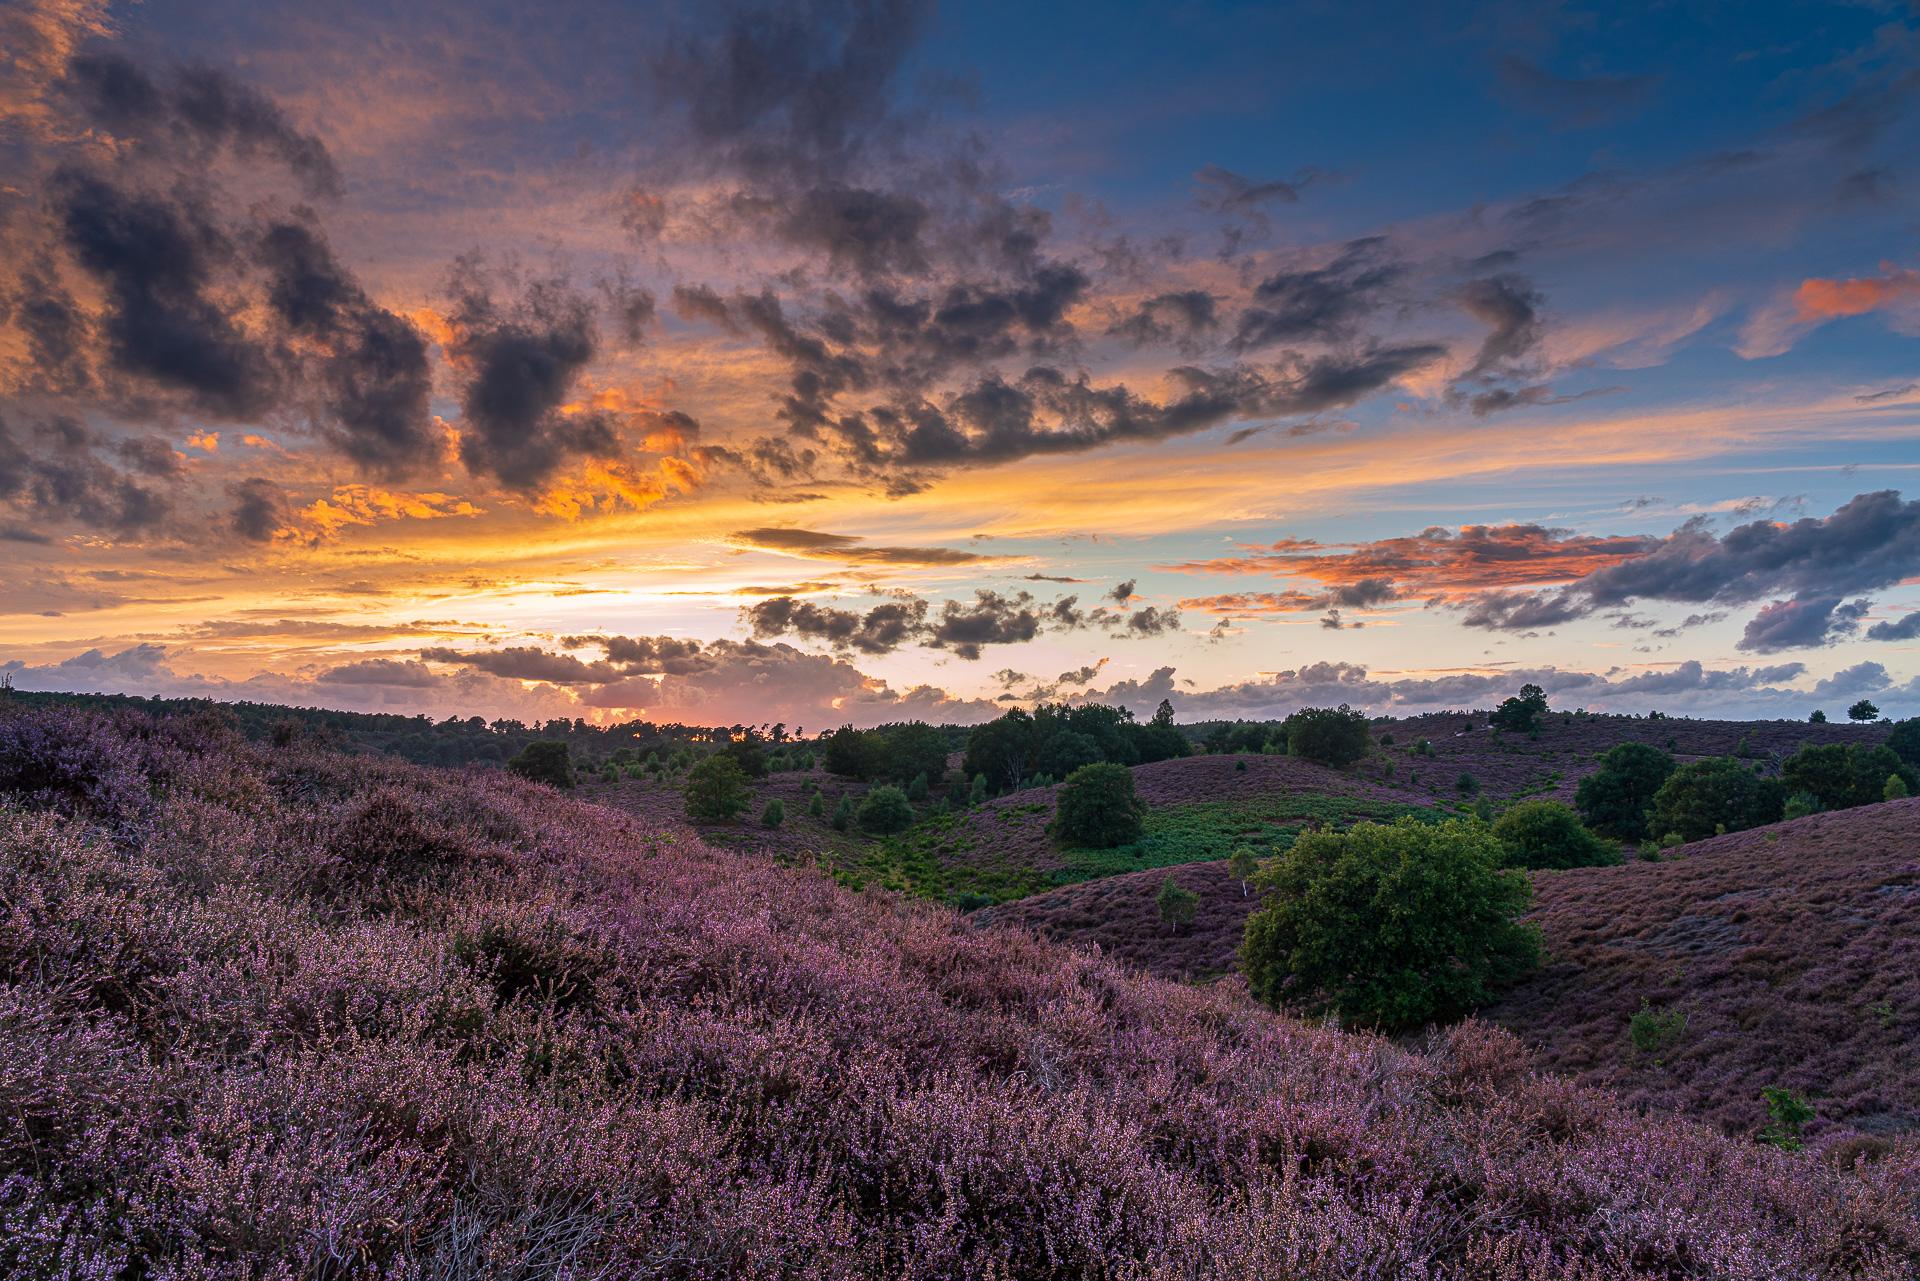 Posbank kleurrijke zonsondergang